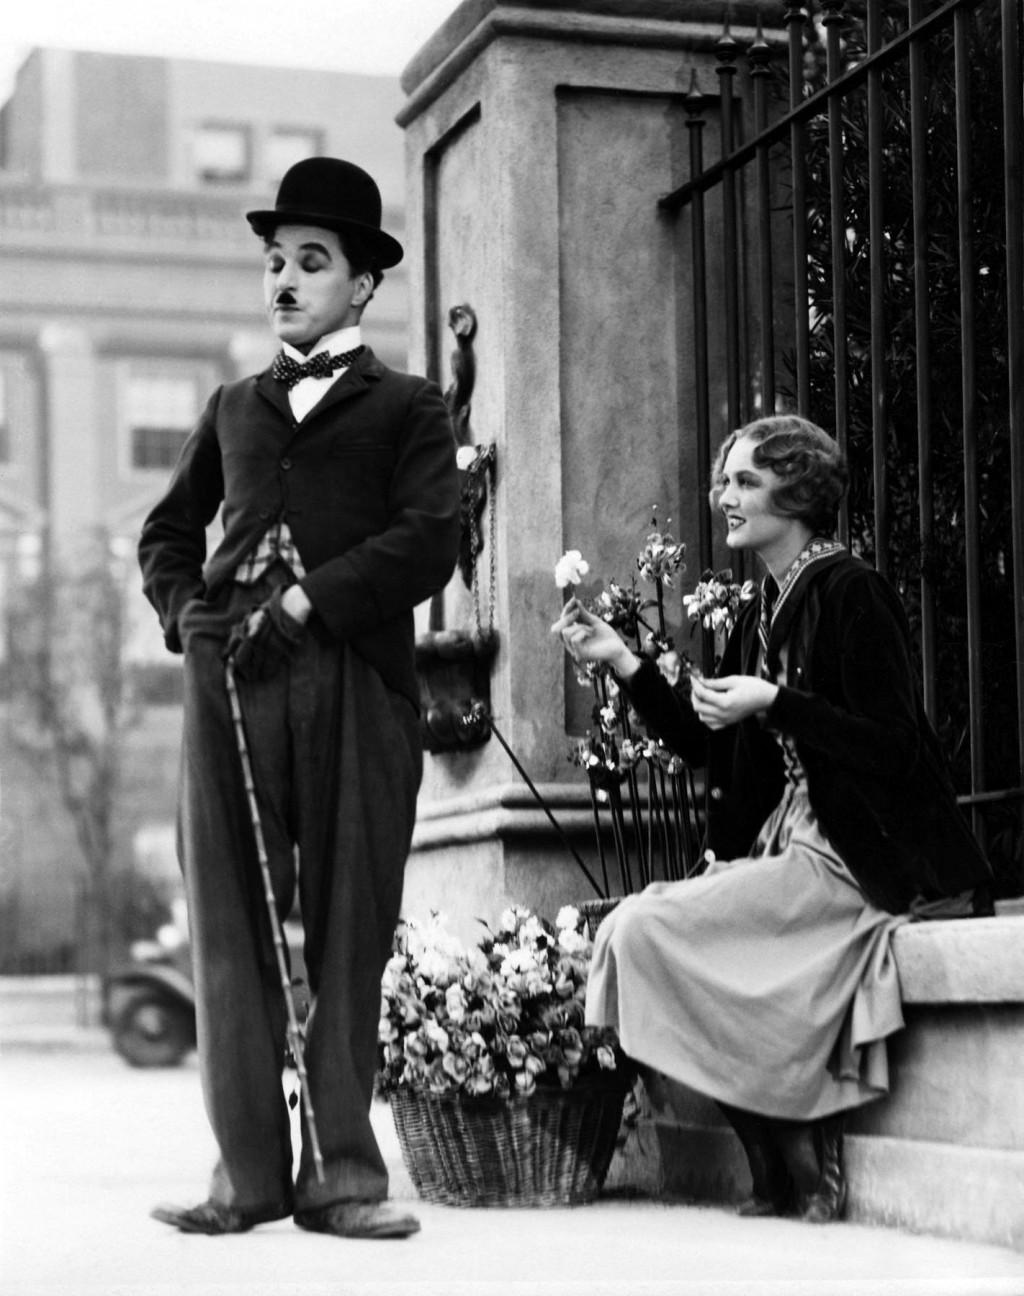 În timpul Primului Război Mondial existau peste tot diverse obiecte legate sau întruchipându-l pe Vagabond – păpuşi,   figurine,   cravate,   cărți de joc,   reviste comice,   chiar şi cocktailuri. În spitalele de campanie,   filmele sale erau proiectate ca terapie recuperatorie.